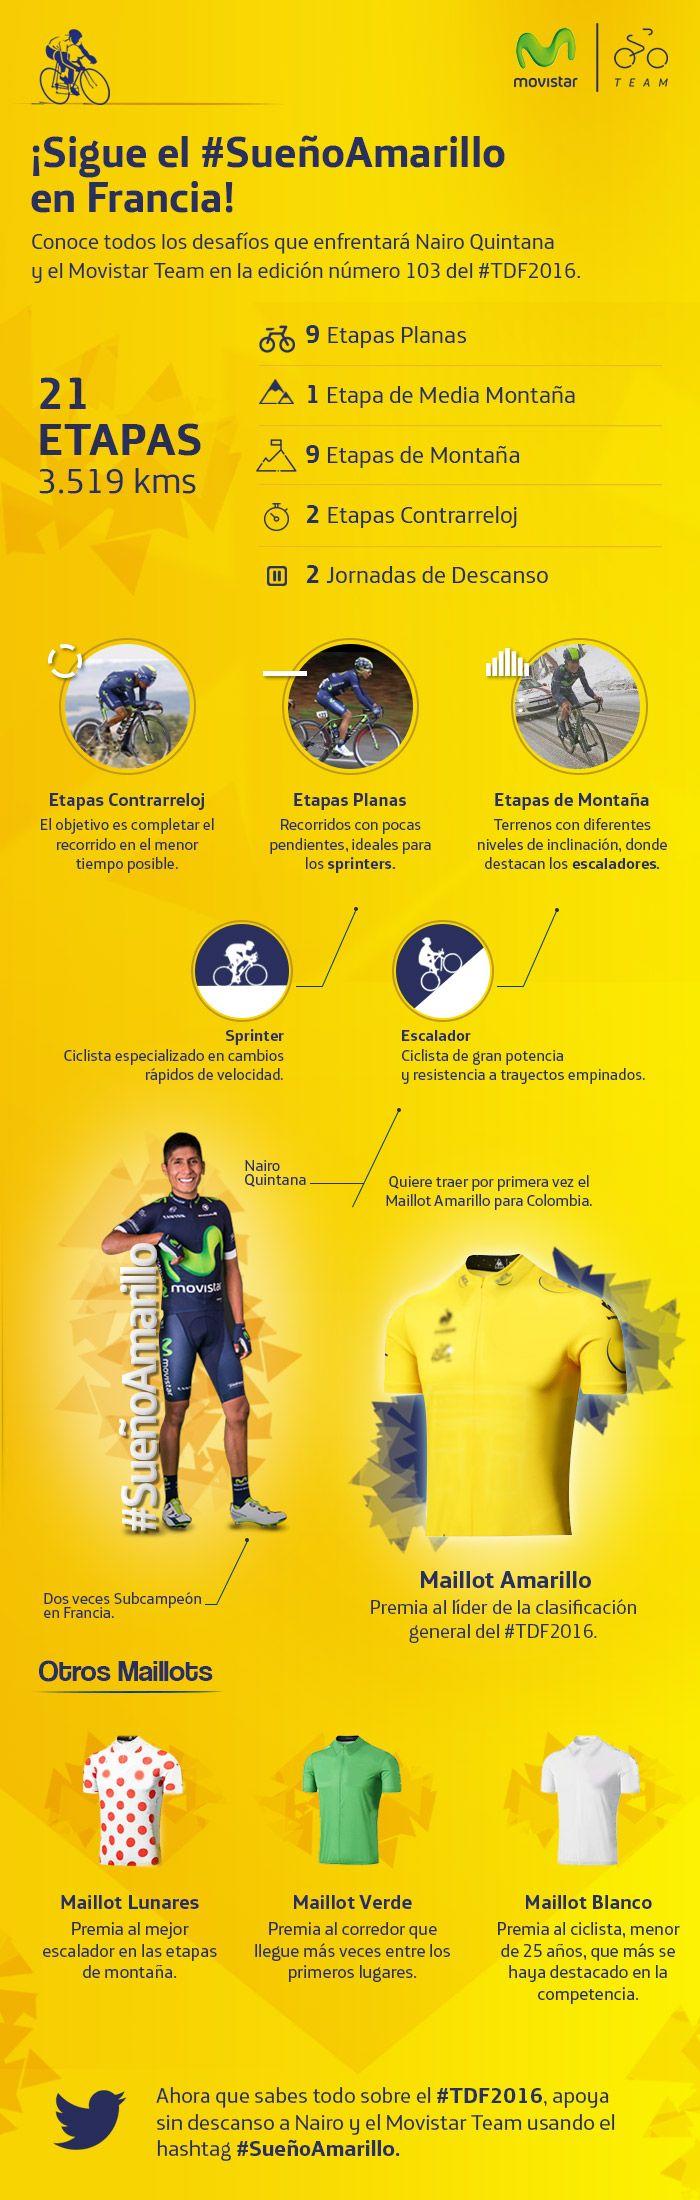 Nuestro colombiano Nairo Quintana, asume la competencia de ciclismo más grande de la historia con valentía y mucho talento. Mira a todo lo que se enfrenta para cumplir el #SueñoAmarillo #TDF2016